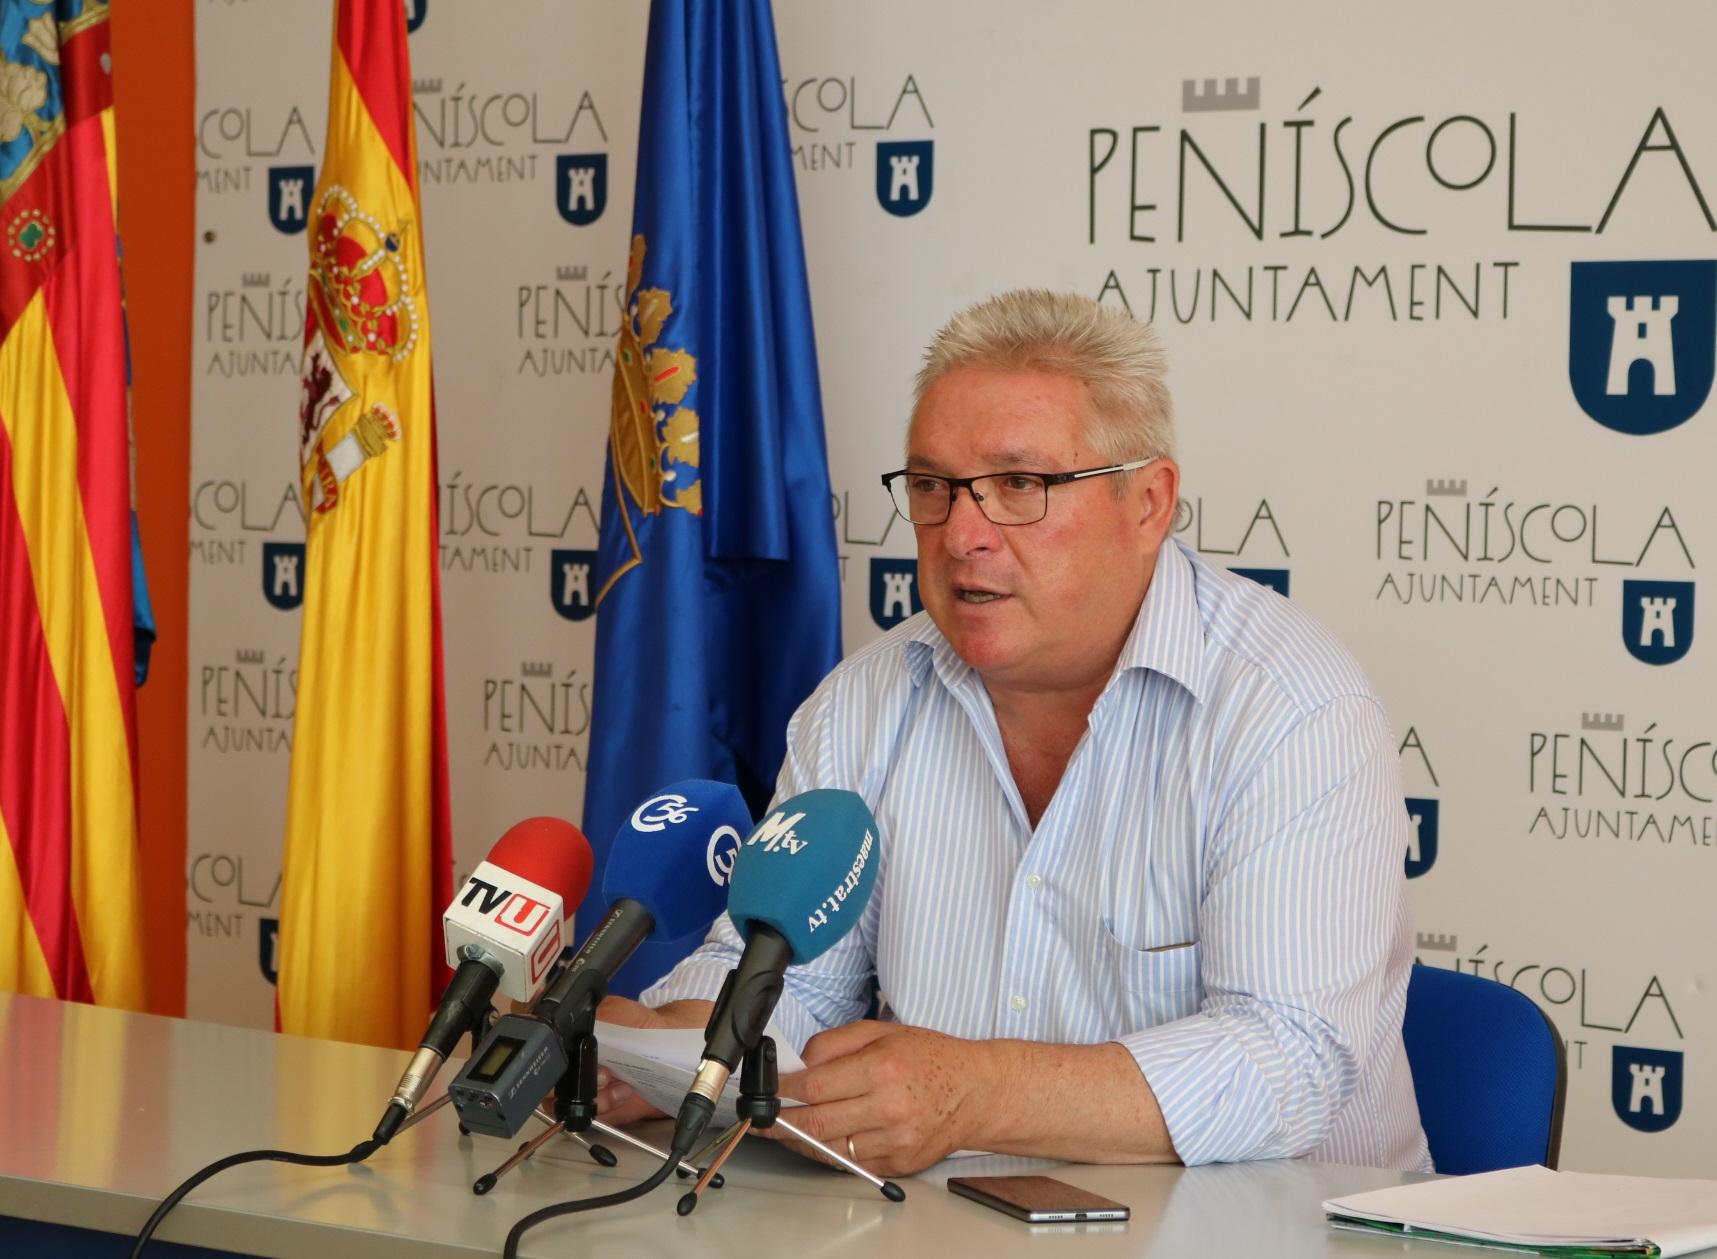 Peníscola, l'Ajuntament considera que la inversió de la Generalitat és insuficient per adequar la carretera CV141